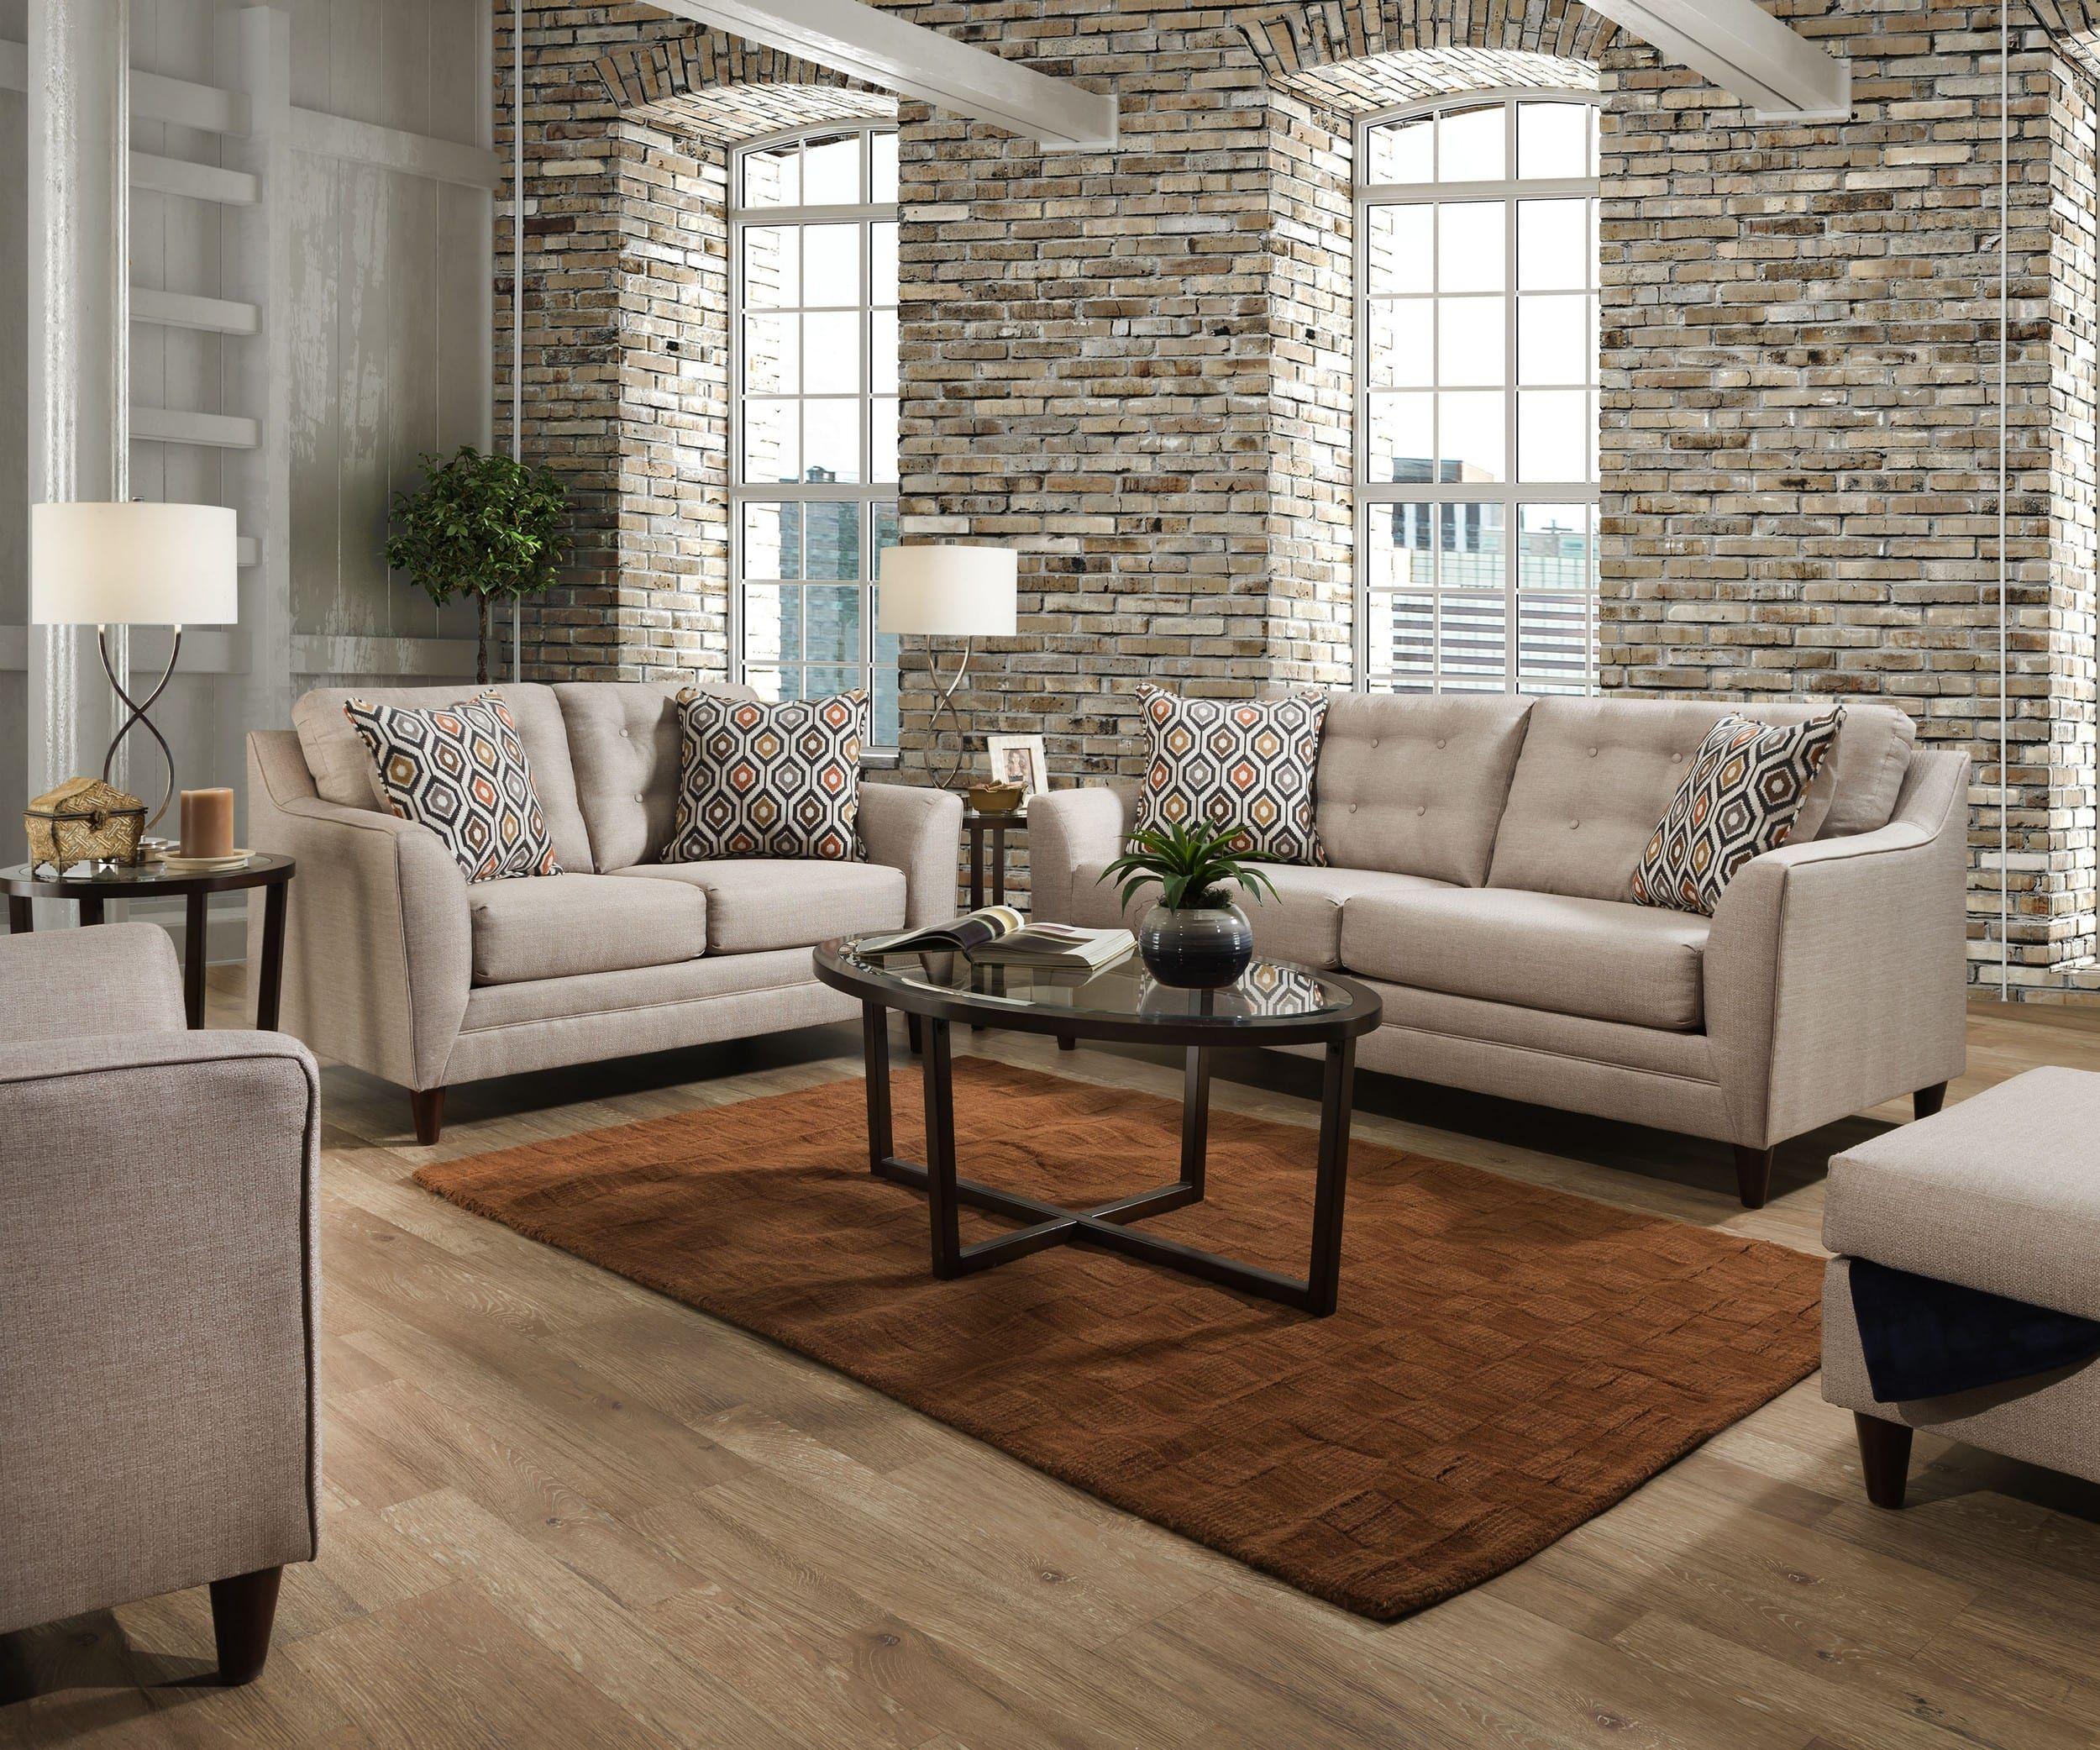 Newcastle Platinum 3 Pc Living Room W Sofa Chaise Living Room Sets Furniture Living Room Sets White Sofa Living Room